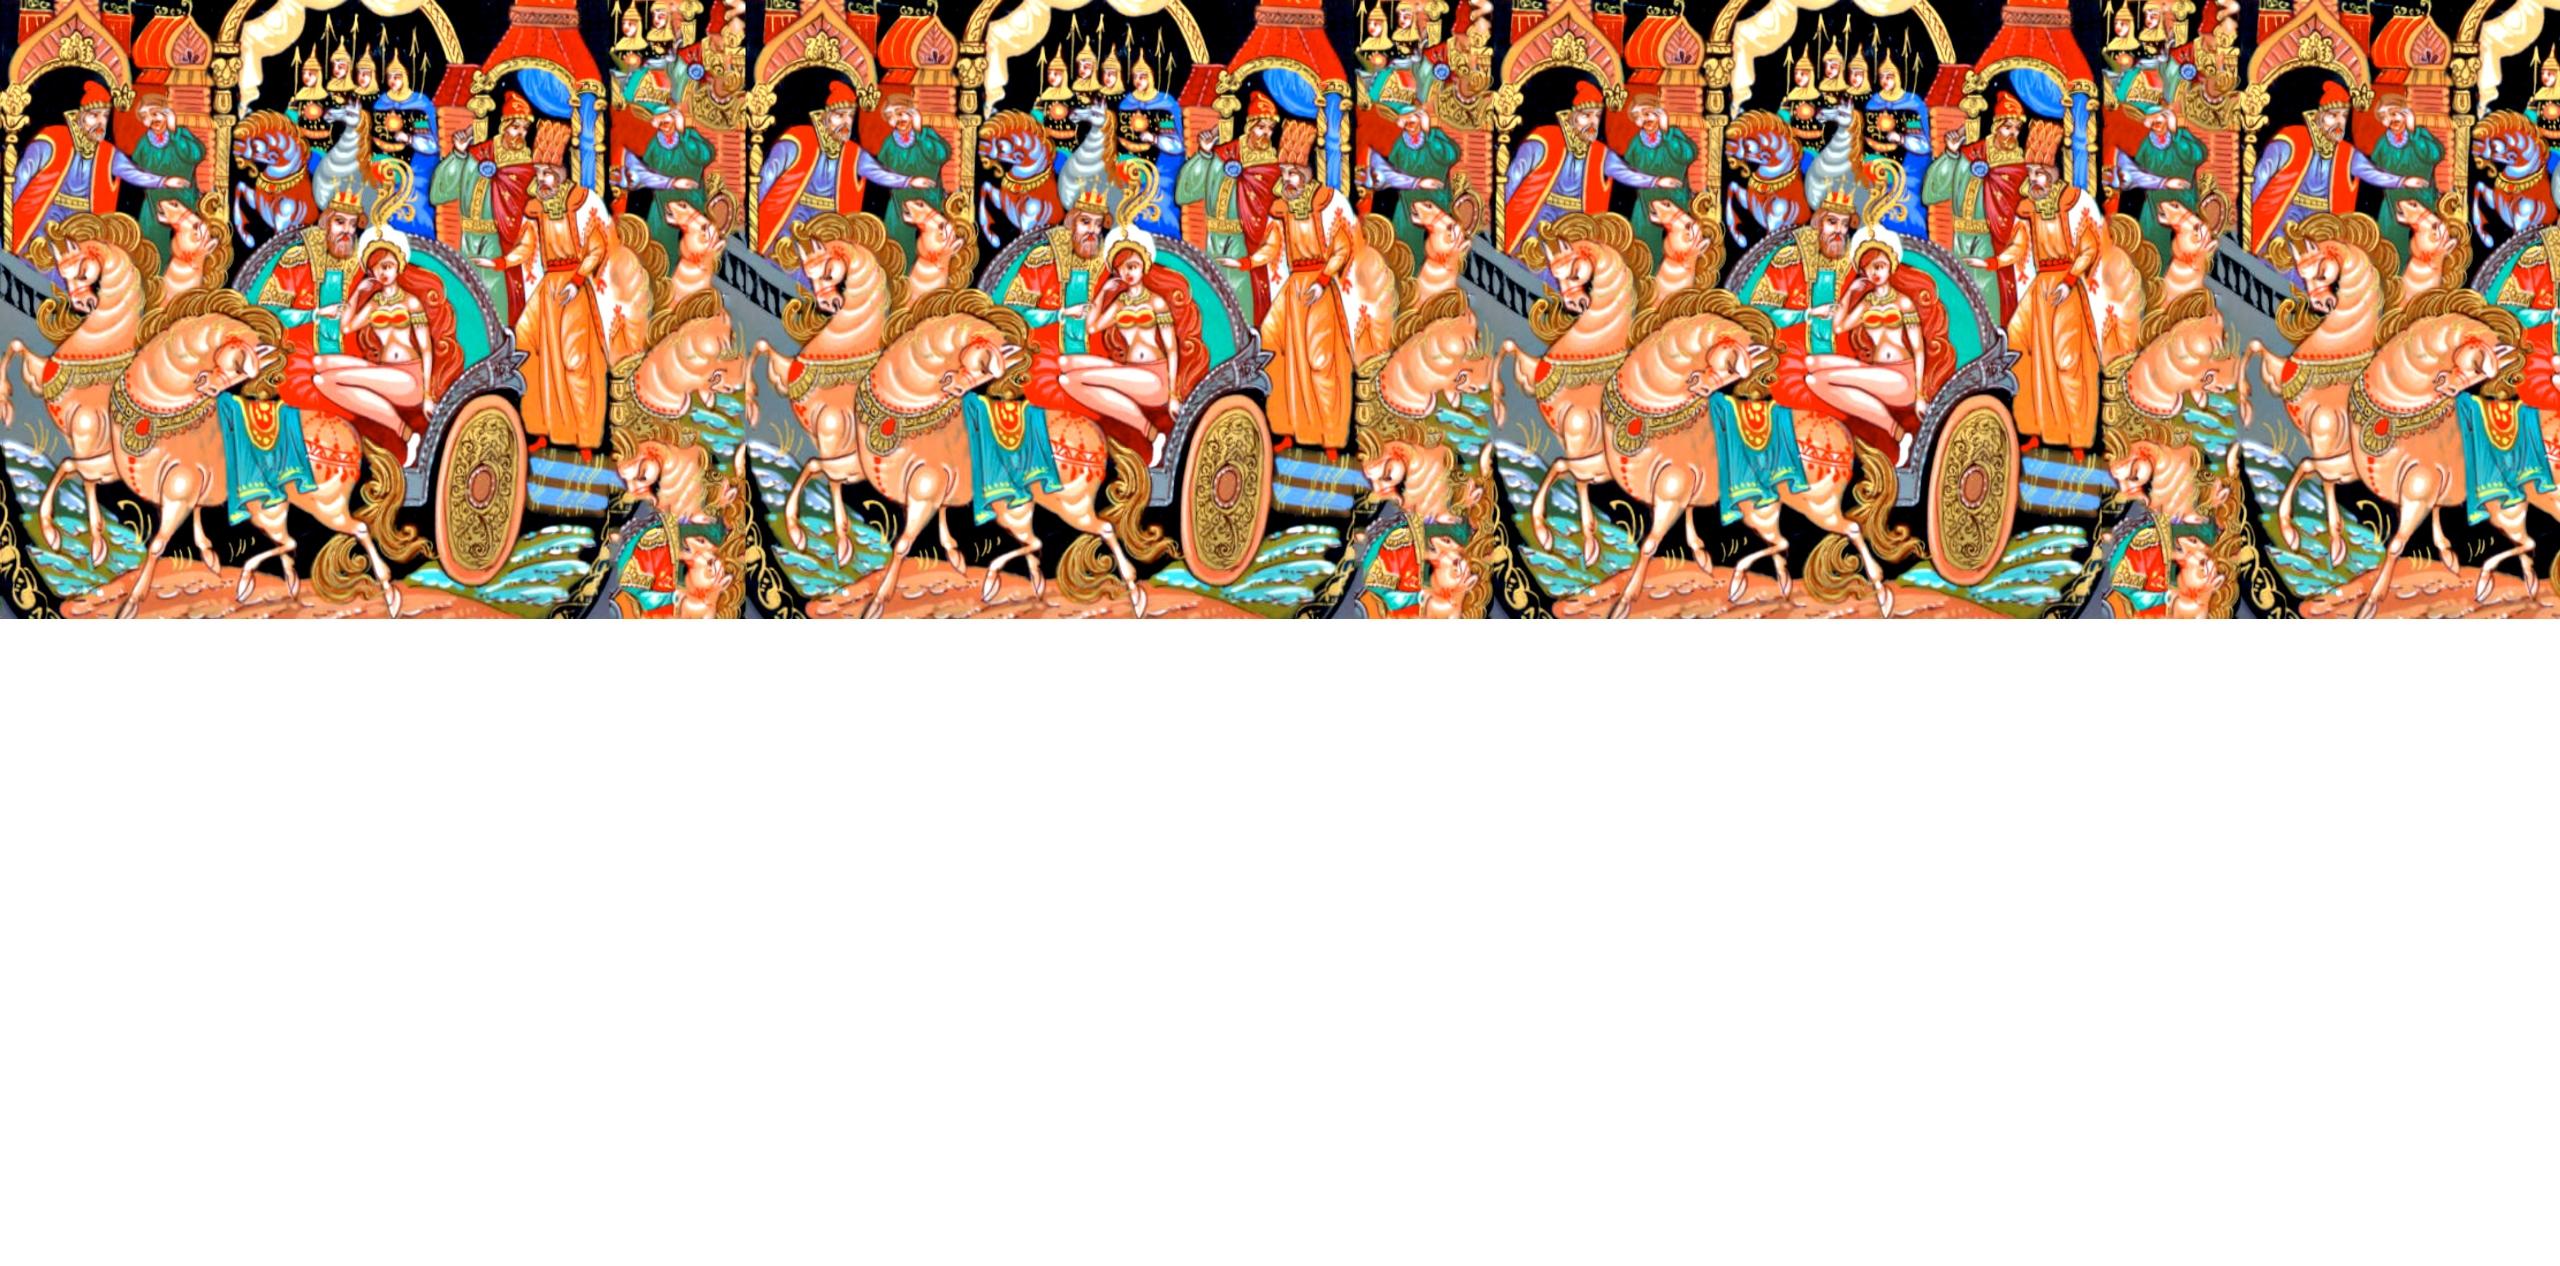 s_h_e_h_e_r_a_z_a_d_e (@s_h_e_h_e_r_a_z_a_d_e) Cover Image